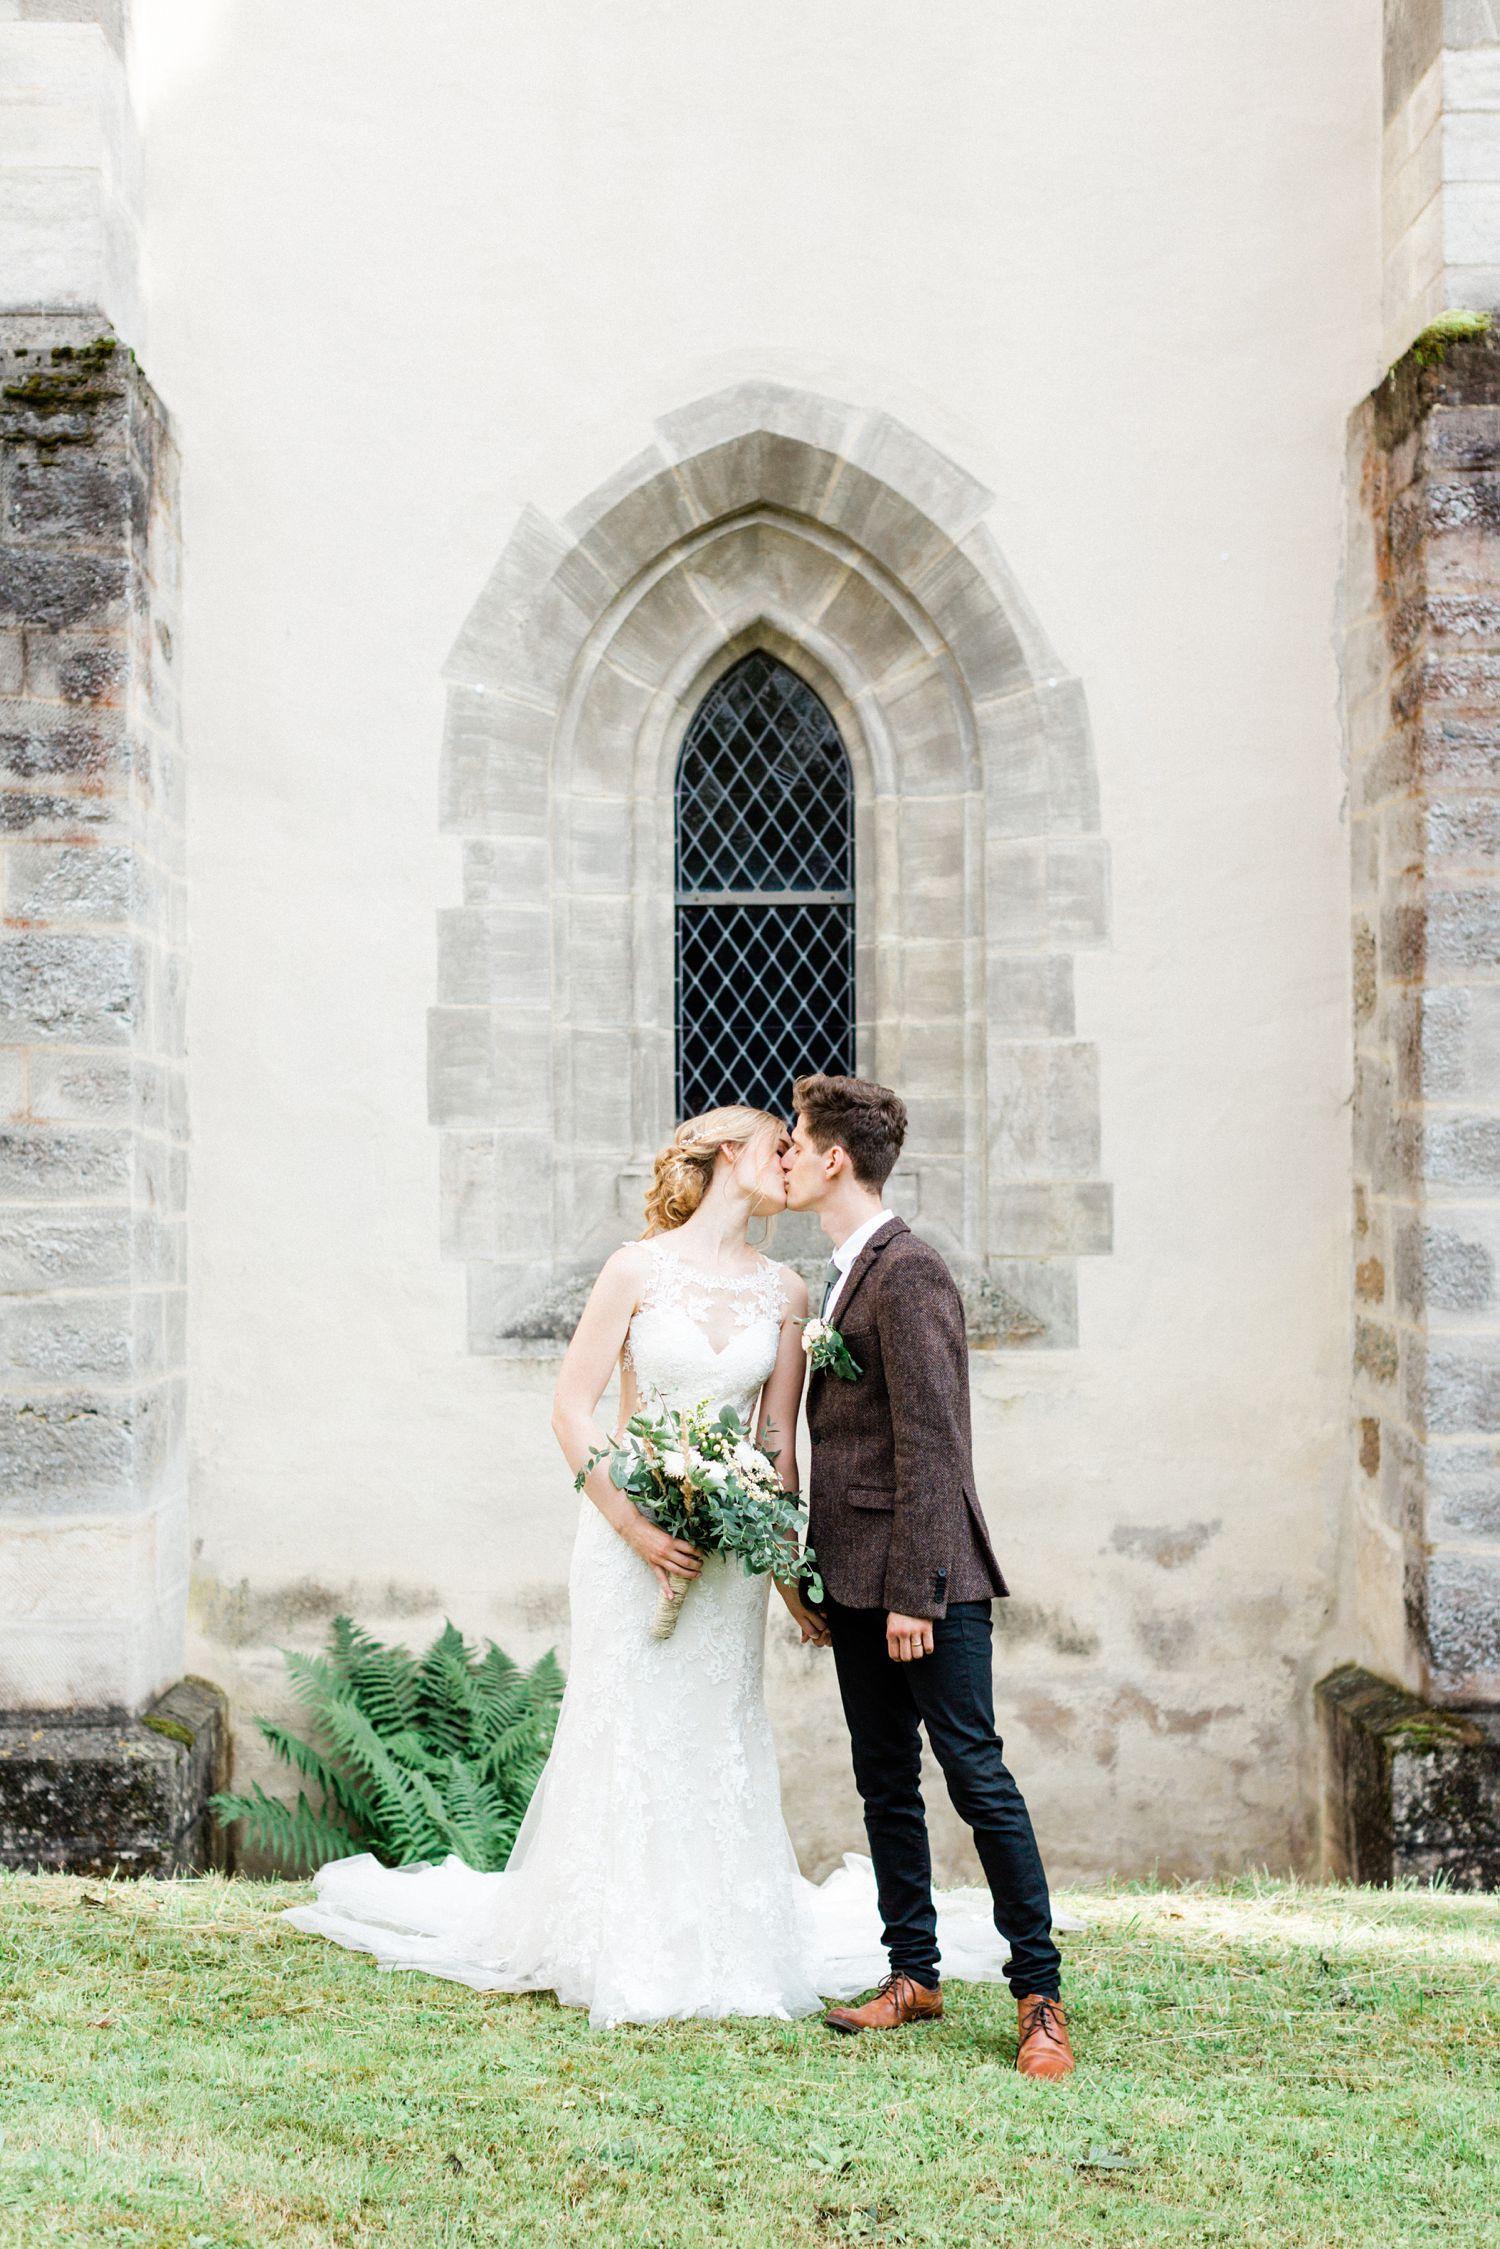 Internationale Hochzeit Klosterkirche Altenberg Ewigmein Internationale Hochzeit Hochzeitsfotograf Hochzeitsfotografie